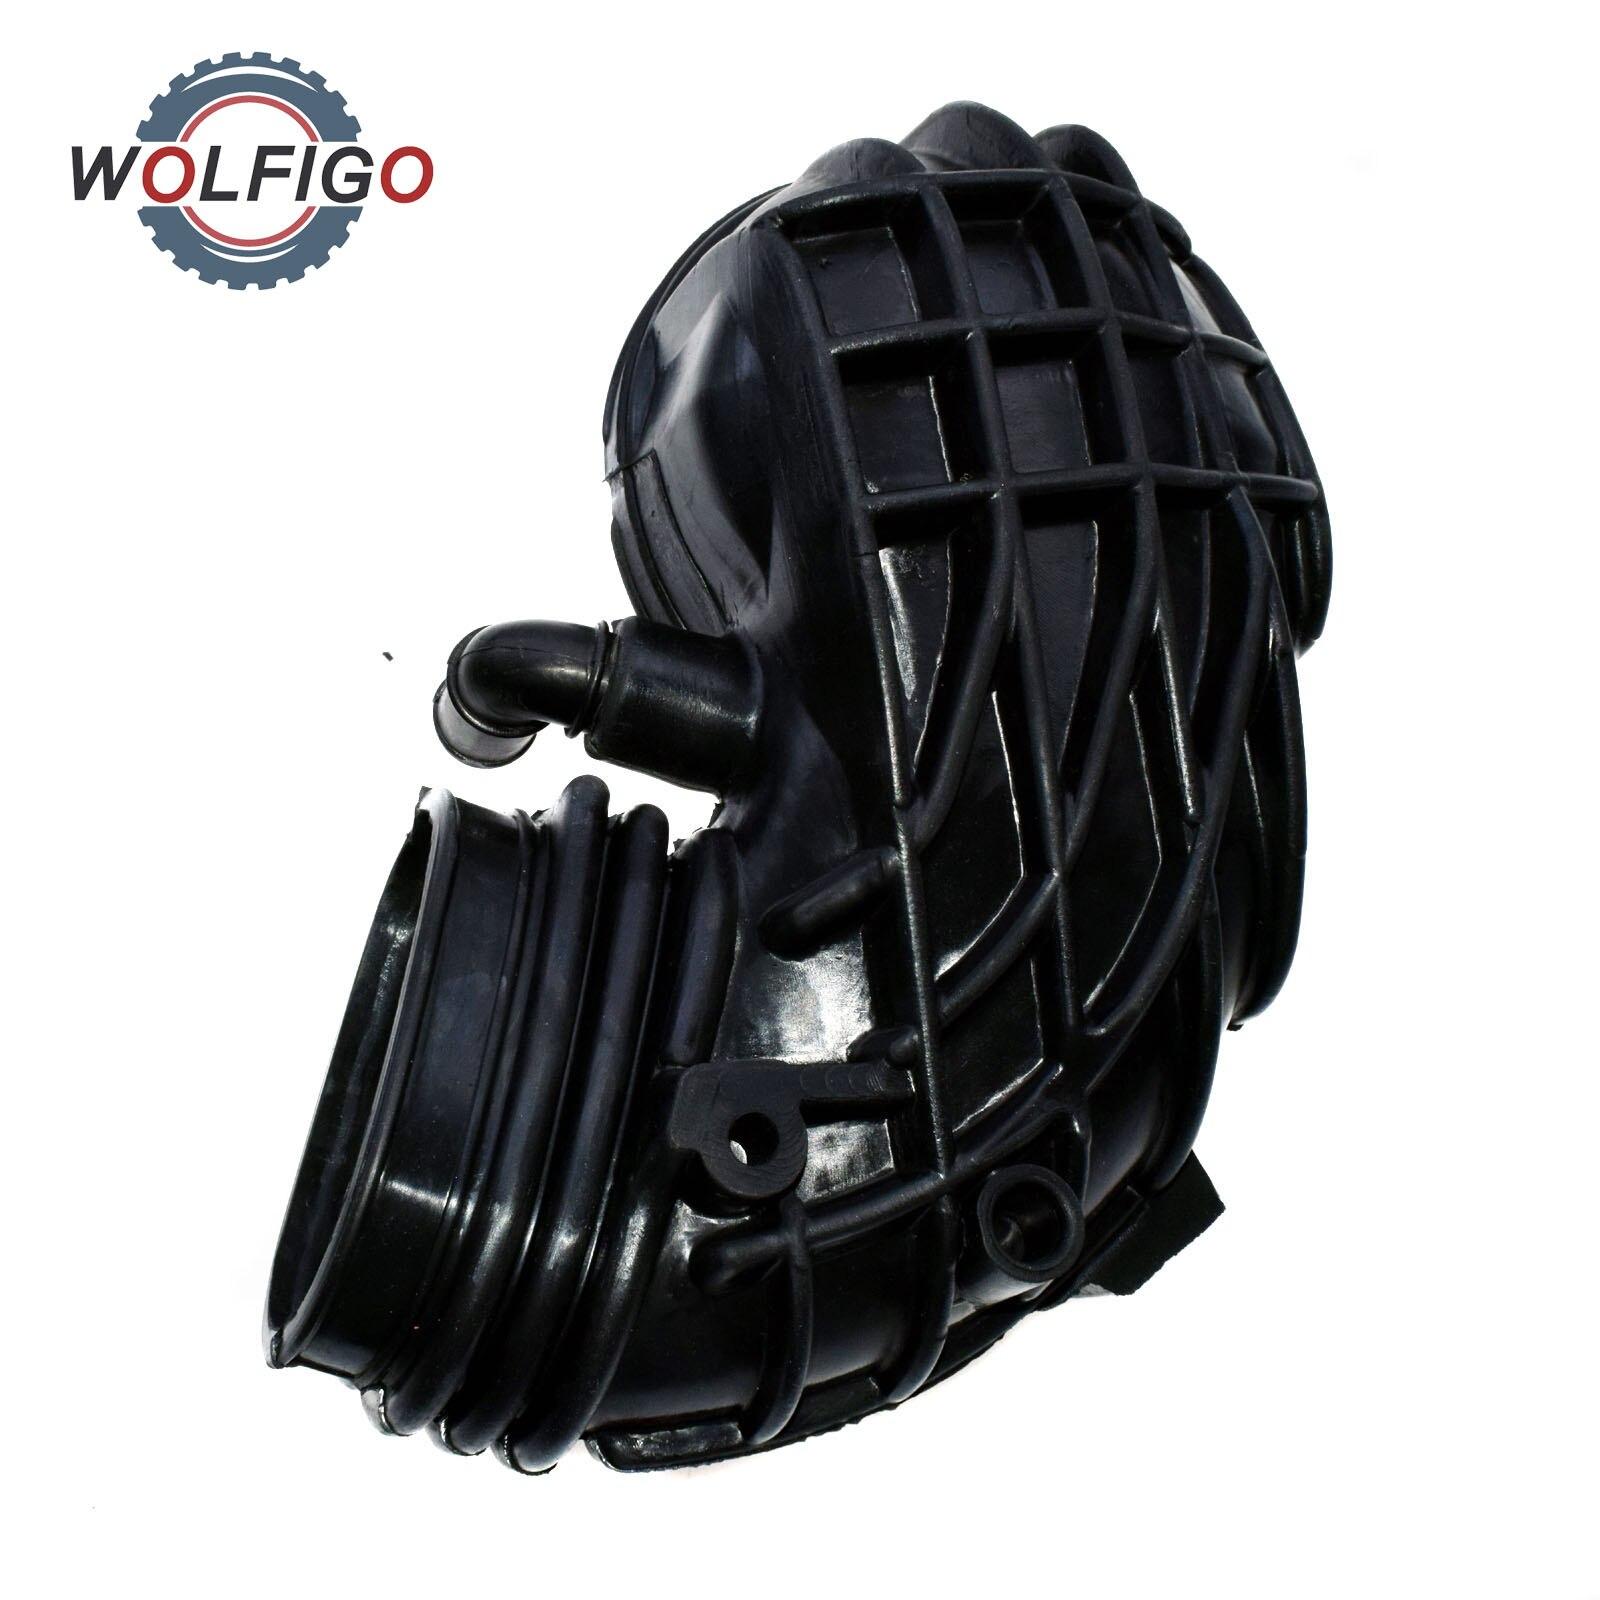 WOLFIGO Air Intake Dosierung Kopf Schlauch Rohr Reiniger Filter Rohr für Audi 80 90 B3 B4 CABRIOLET COUPE 2,3 054133357C 034133357D